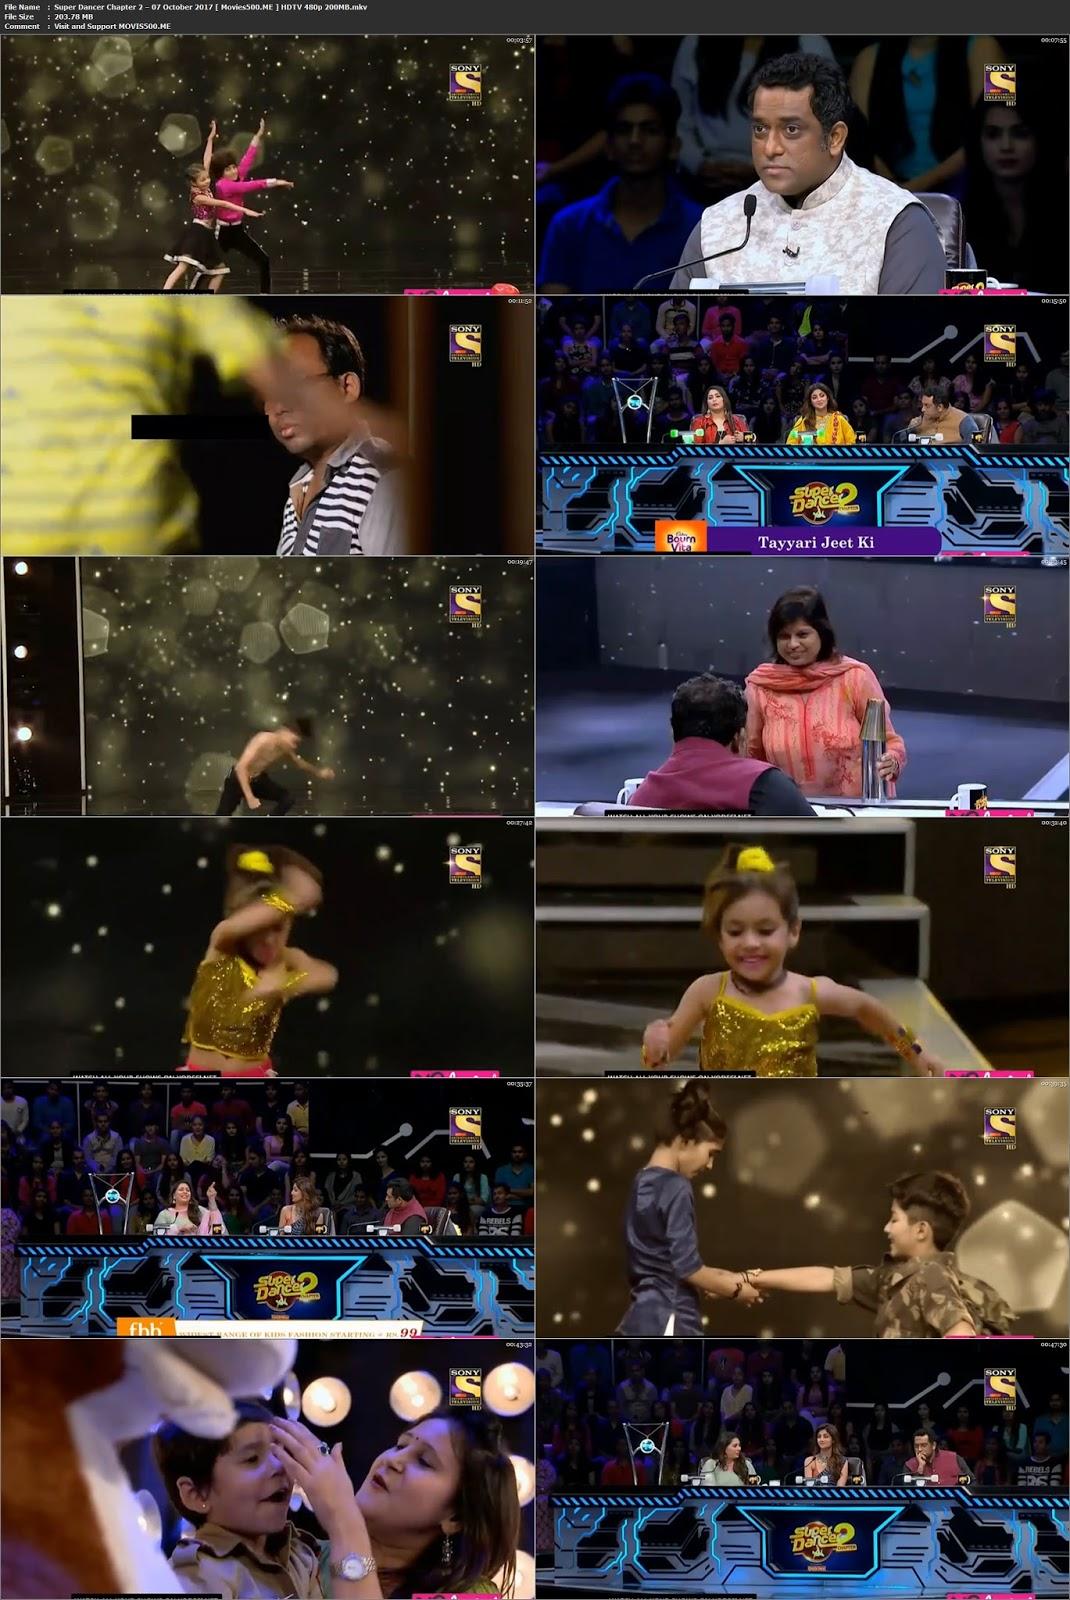 Super Dancer Chapter 2 2017 07 October HDTV 480p 200MB at lanstream.uk